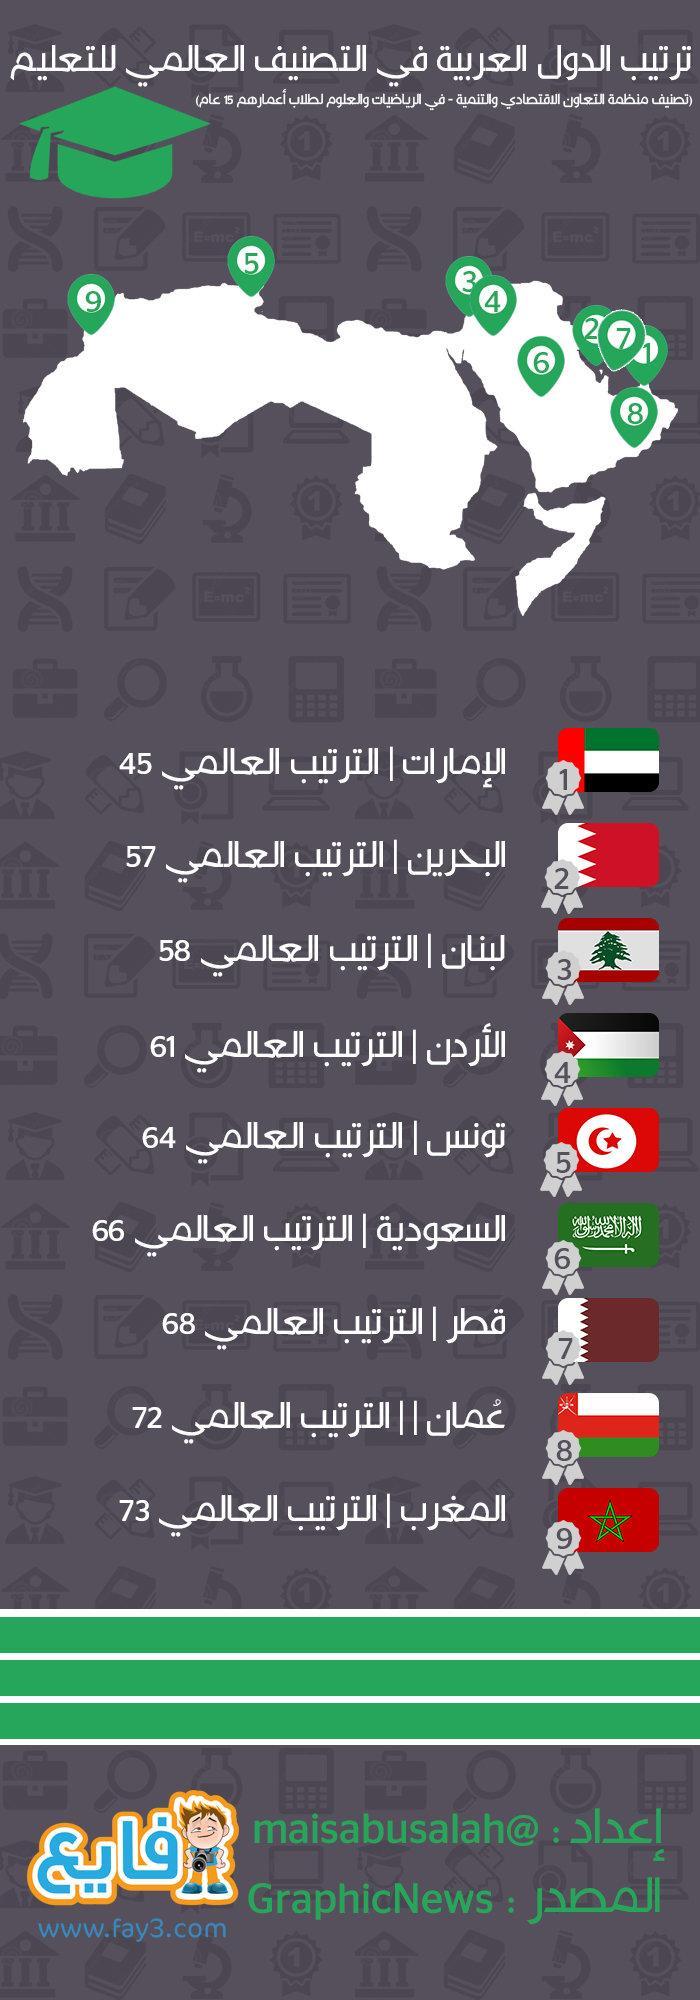 #انفوجرافيك ترتيب الدول العربية في التصنيف العالمي للتعليم - #الإمارات رقم1